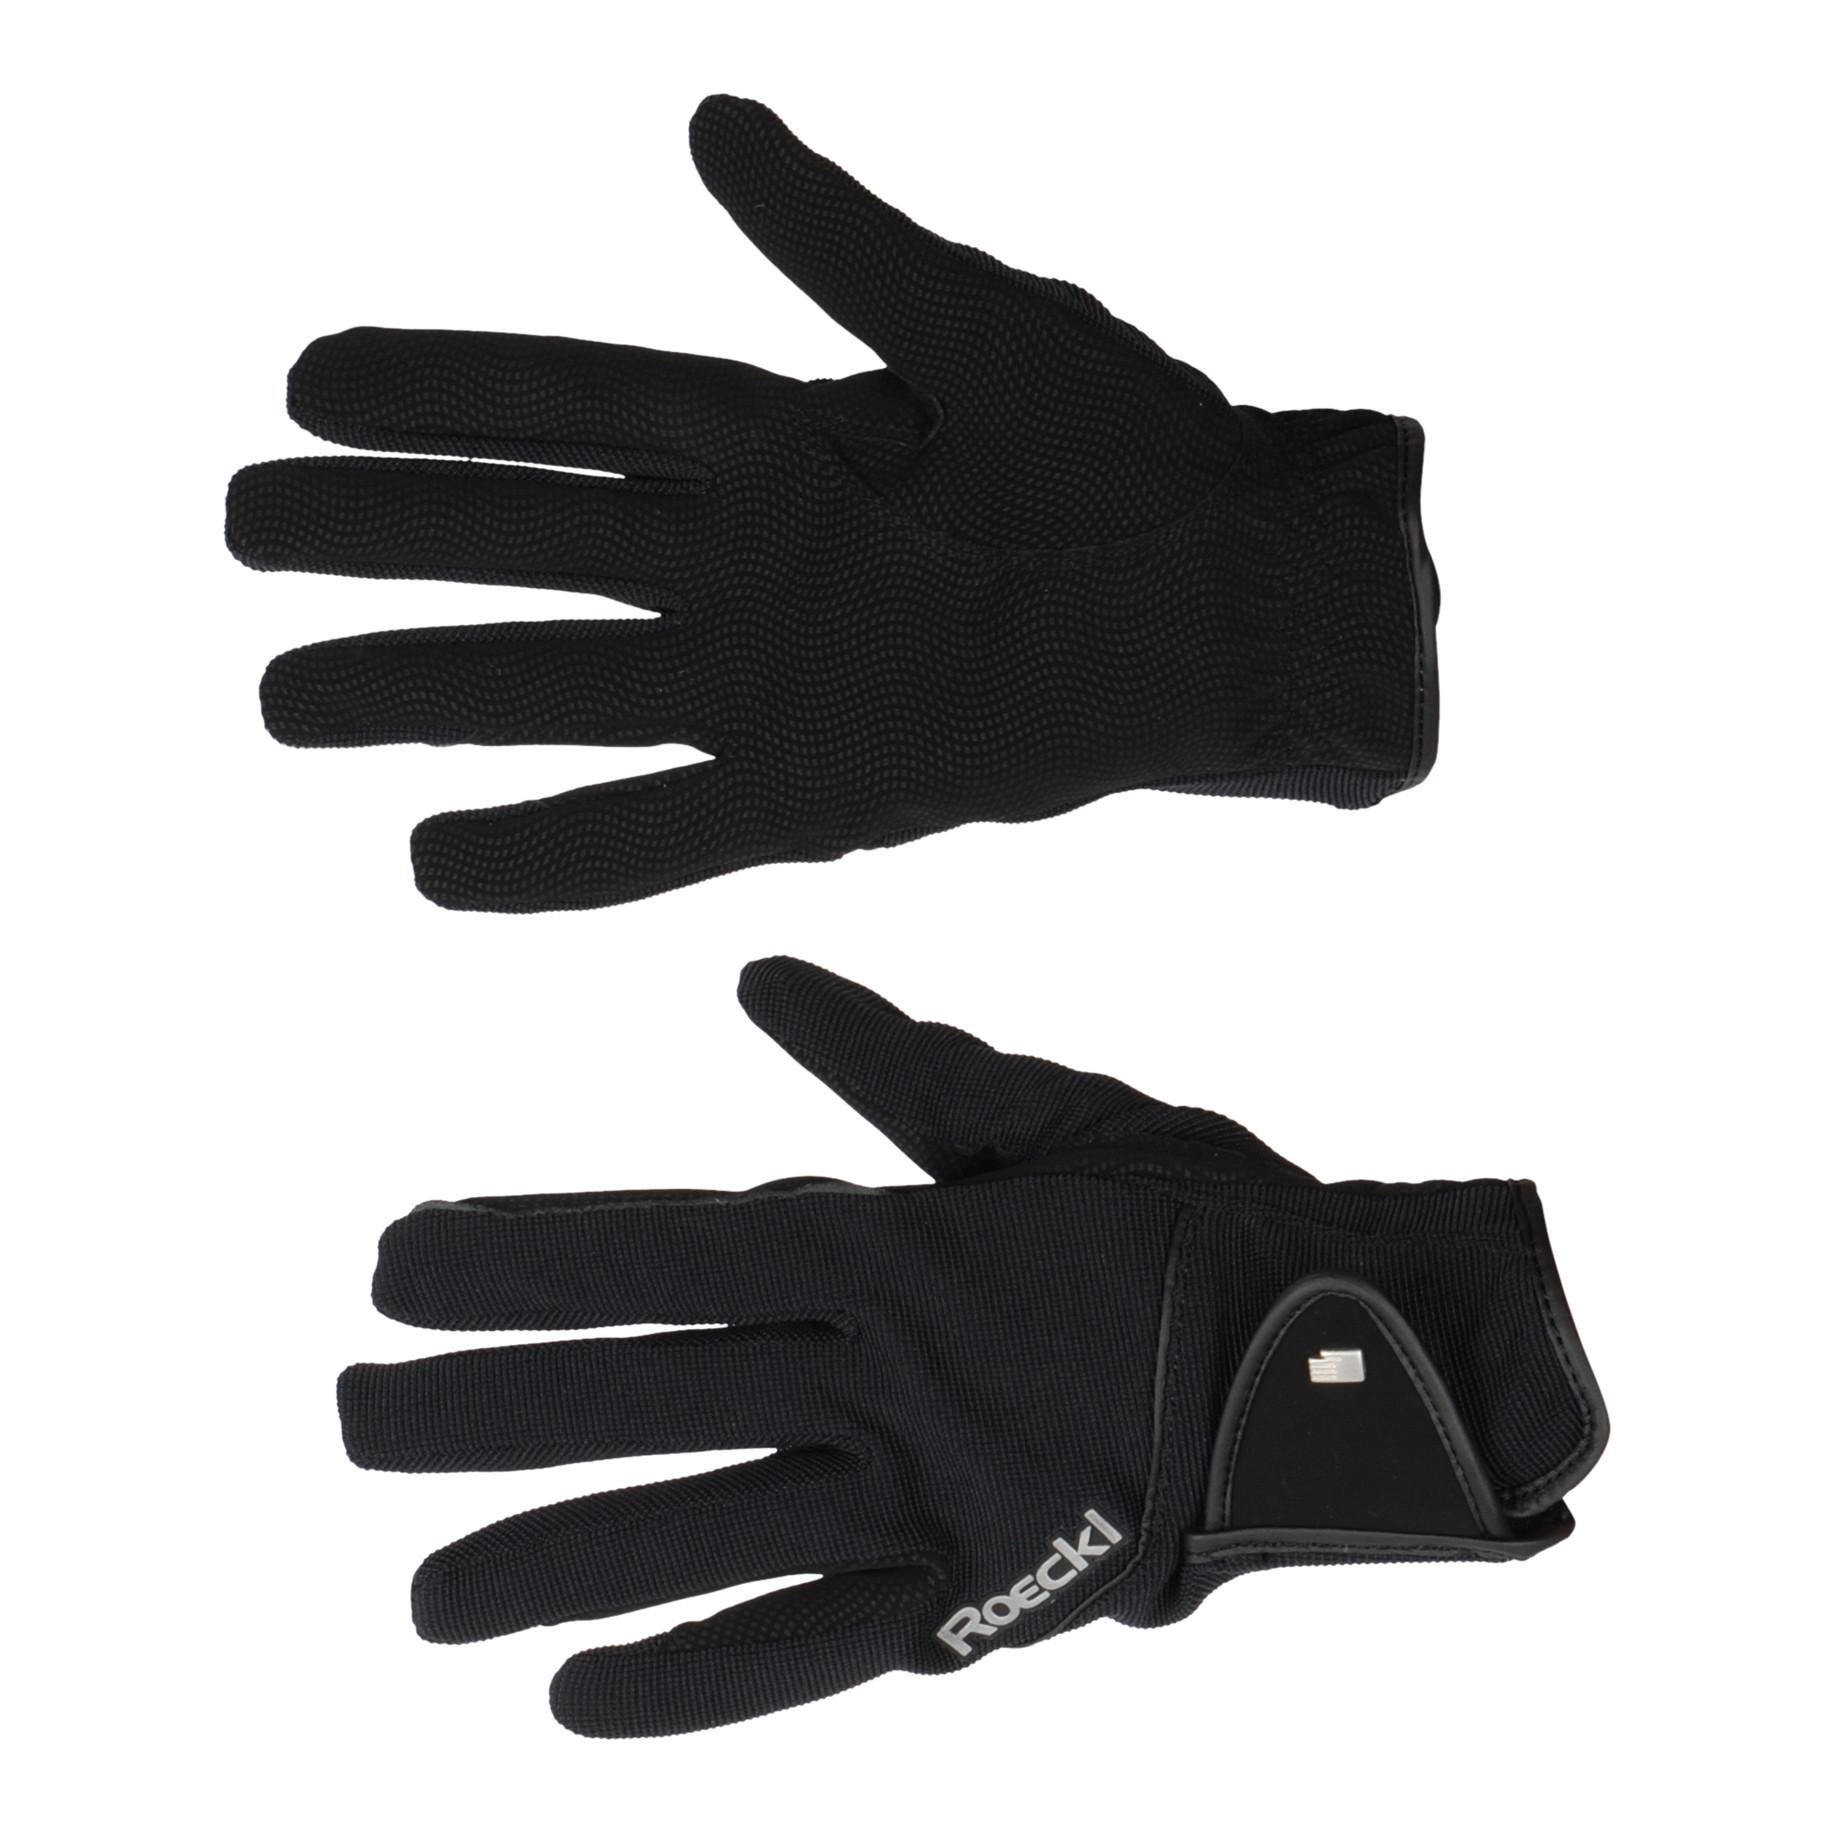 Roeckl Milano handschoenen zwart maat:7